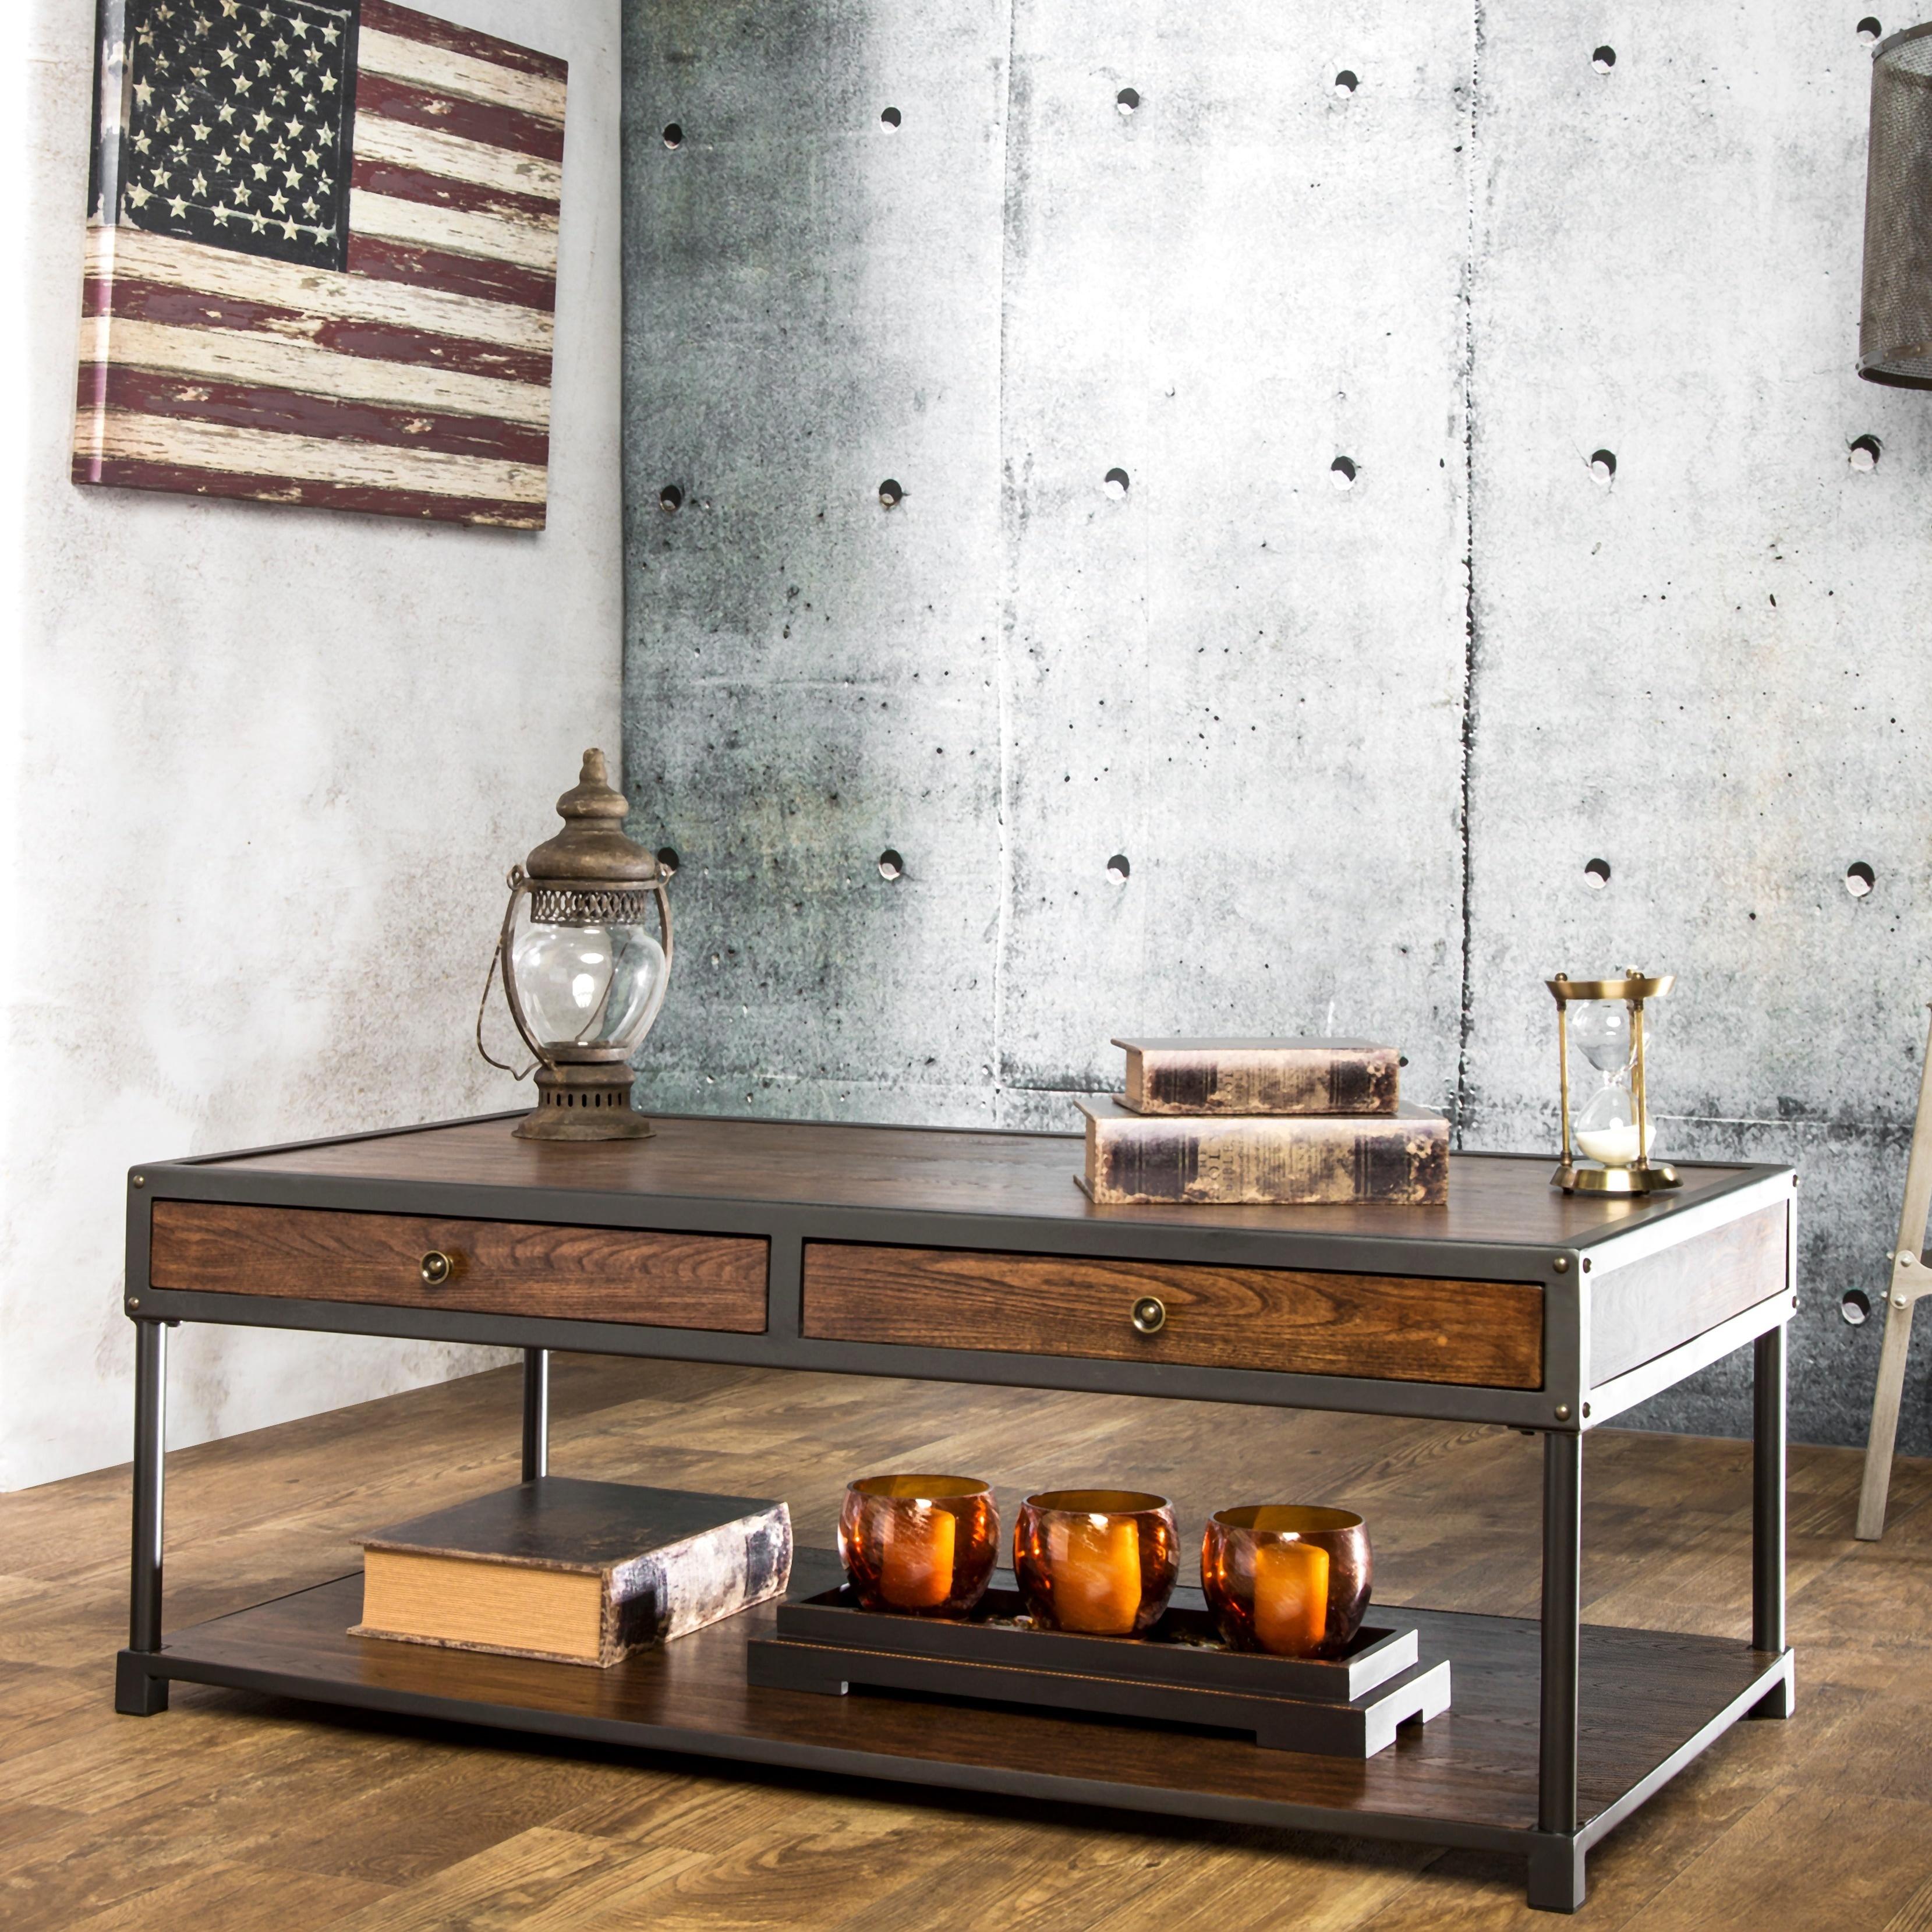 Furniture of America Thorne Antique Oak Industrial Coffee...